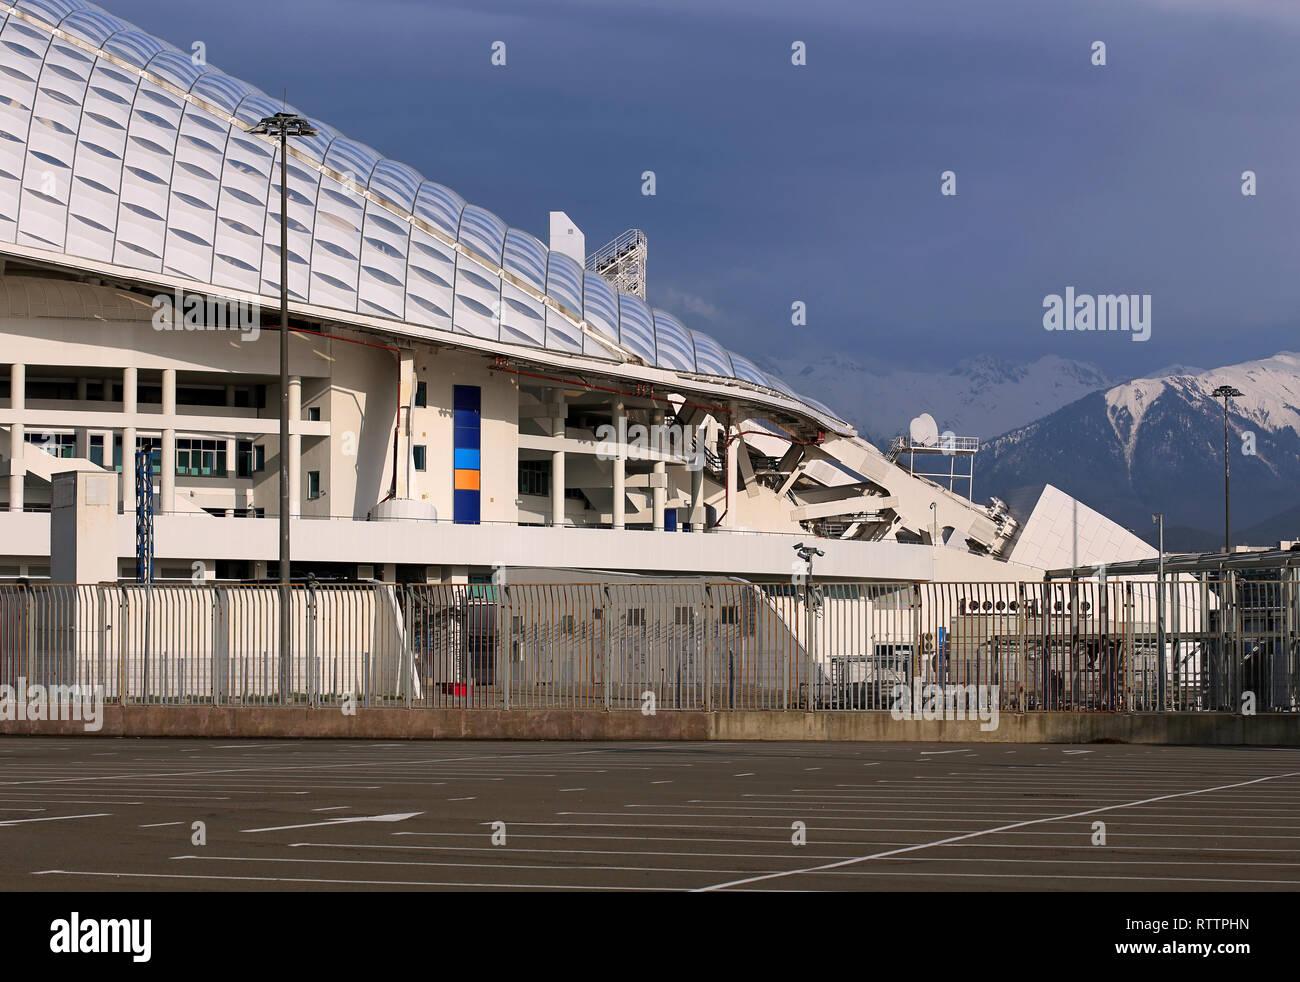 Cortile di un grande impianto sportivo con oggetti tecnici Immagini Stock